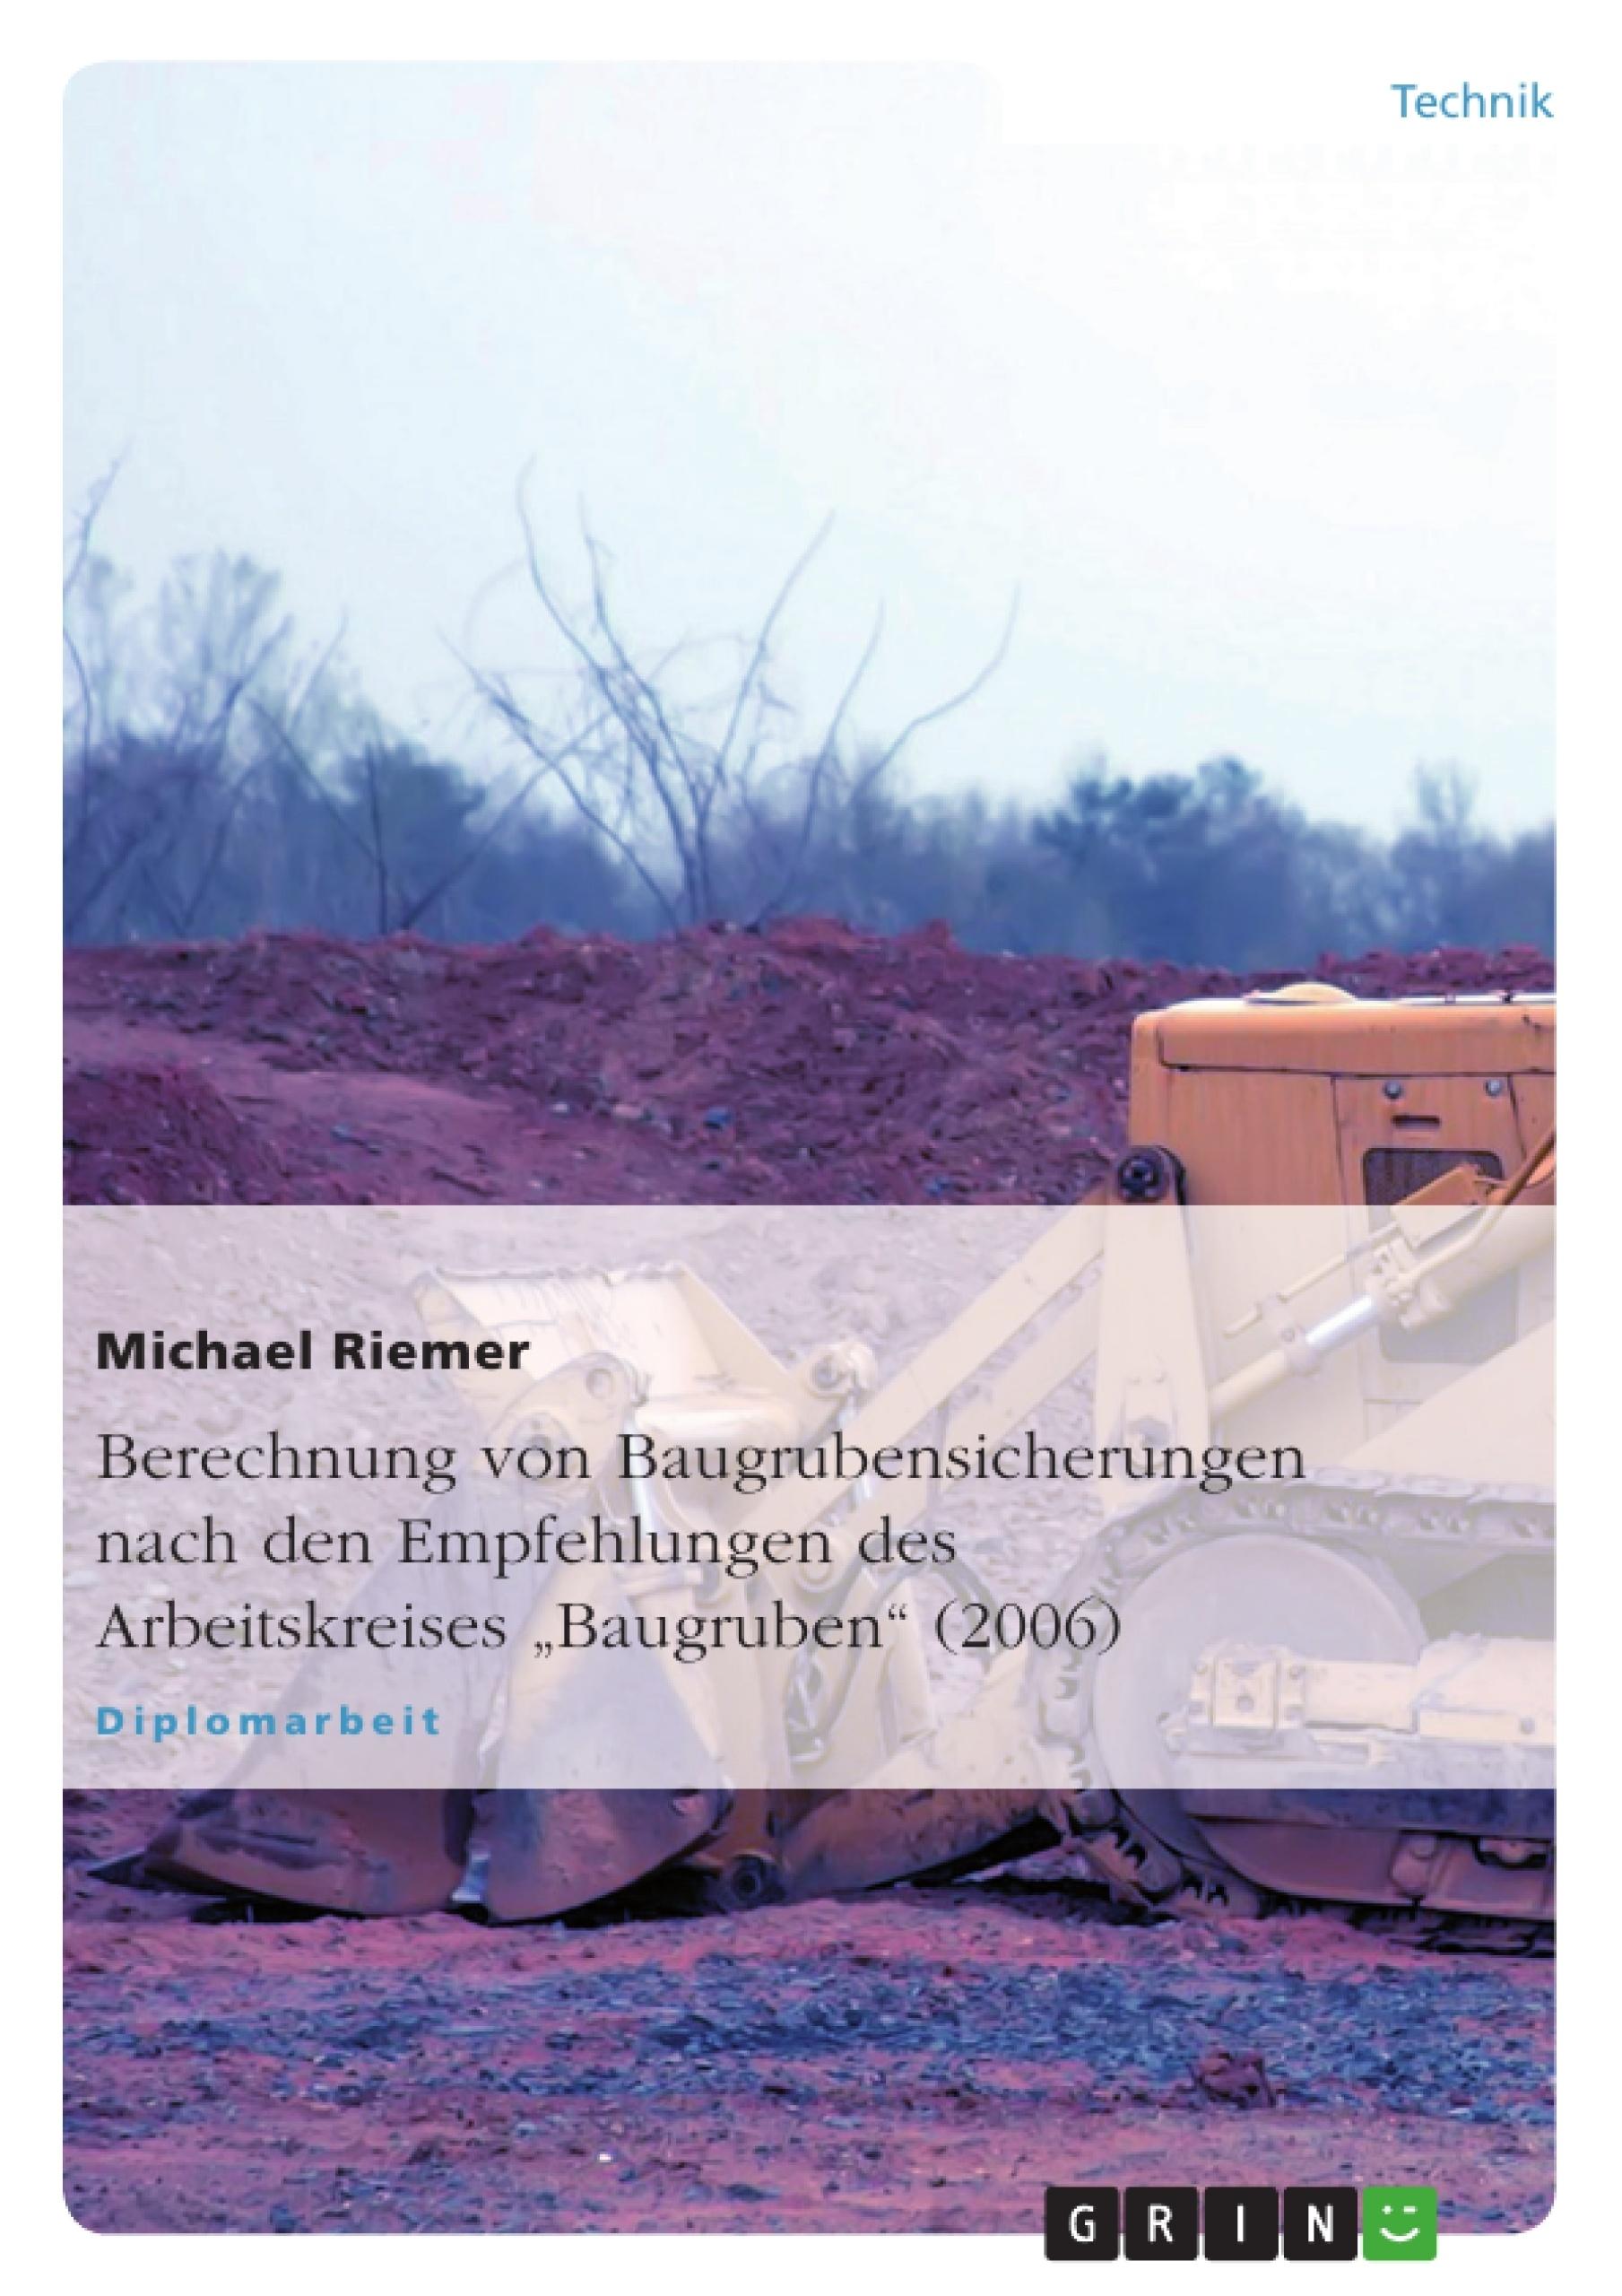 """Titel: Berechnung von Baugrubensicherungen nach den Empfehlungen des Arbeitskreises """"Baugruben"""" (2006)"""